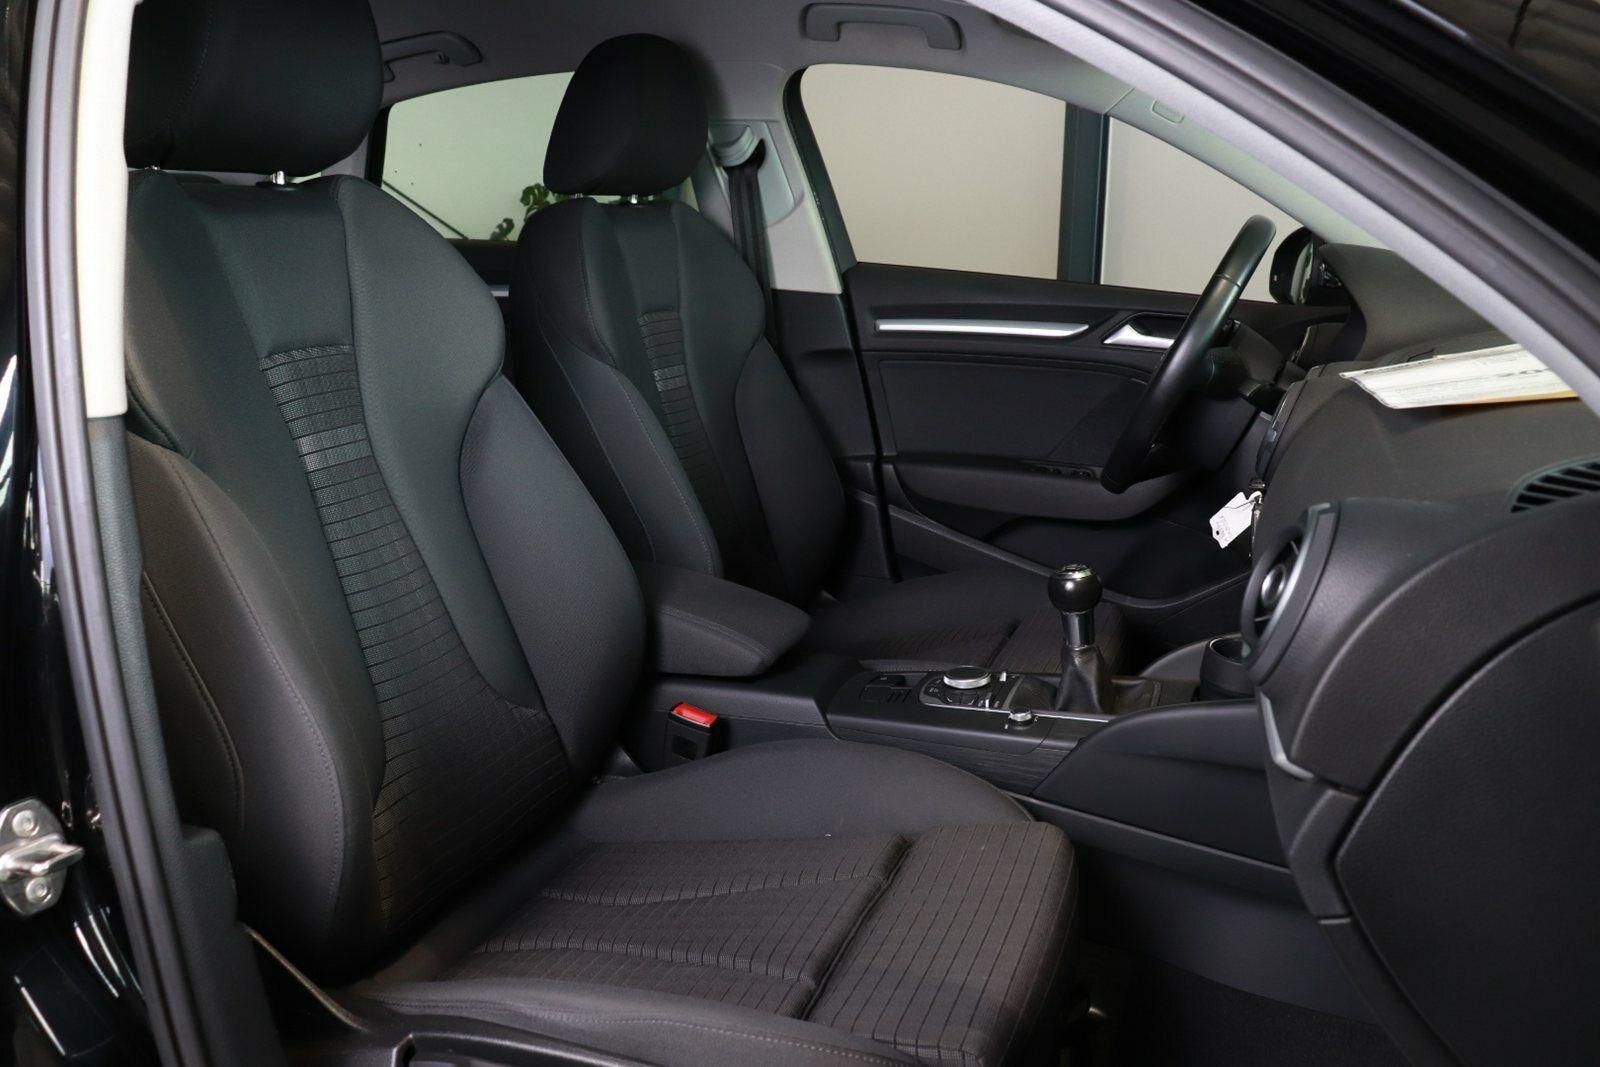 Audi A3 TFSi 180 Ambition